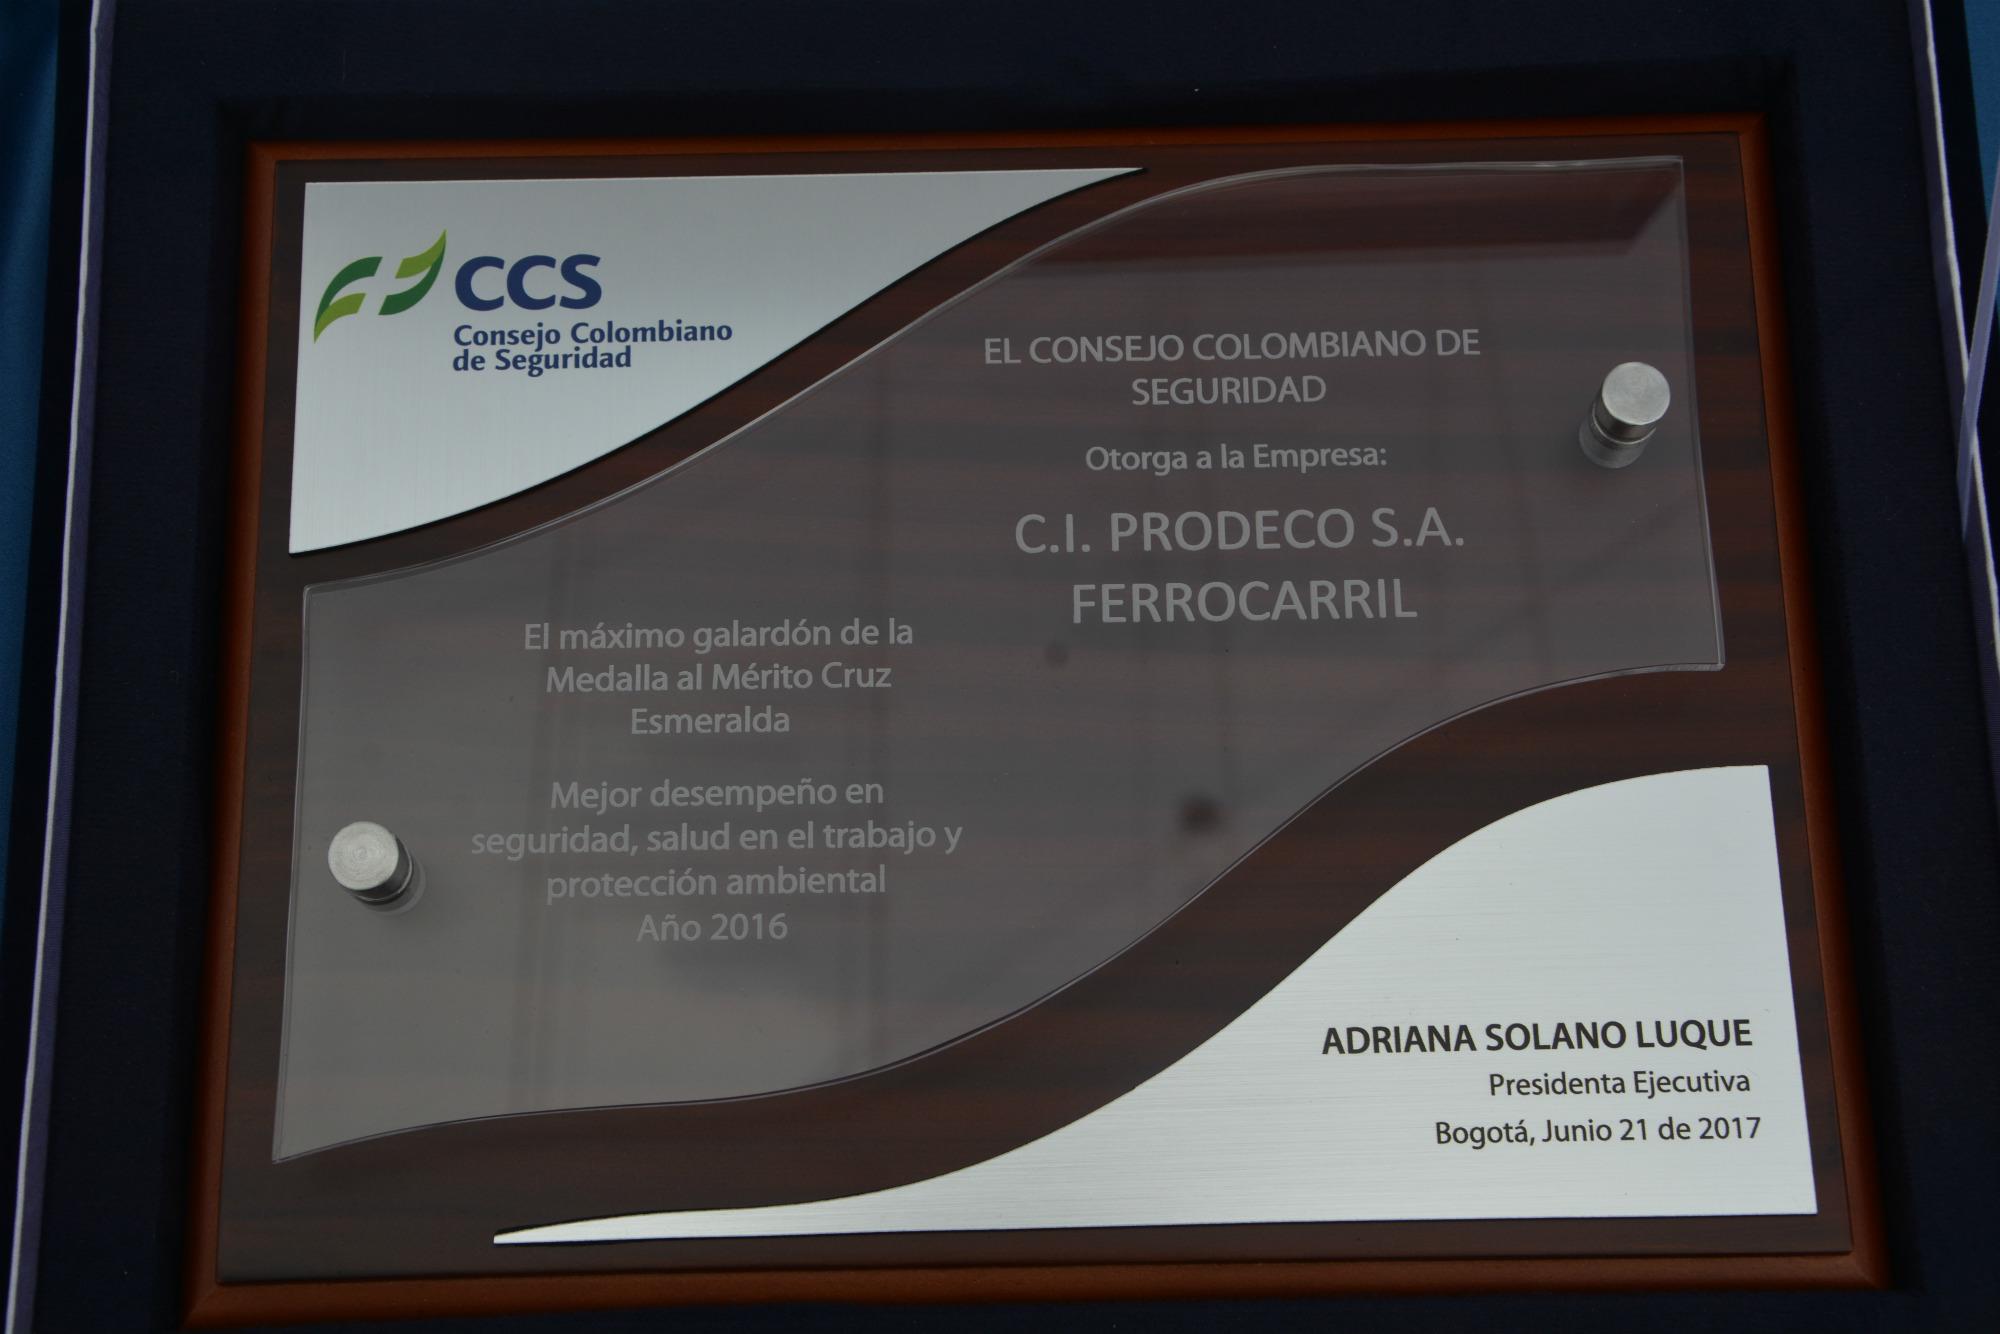 Este fue el reconocimiento que el Consejo Colombiano de Seguridad entregó al Grupo Prodeco.